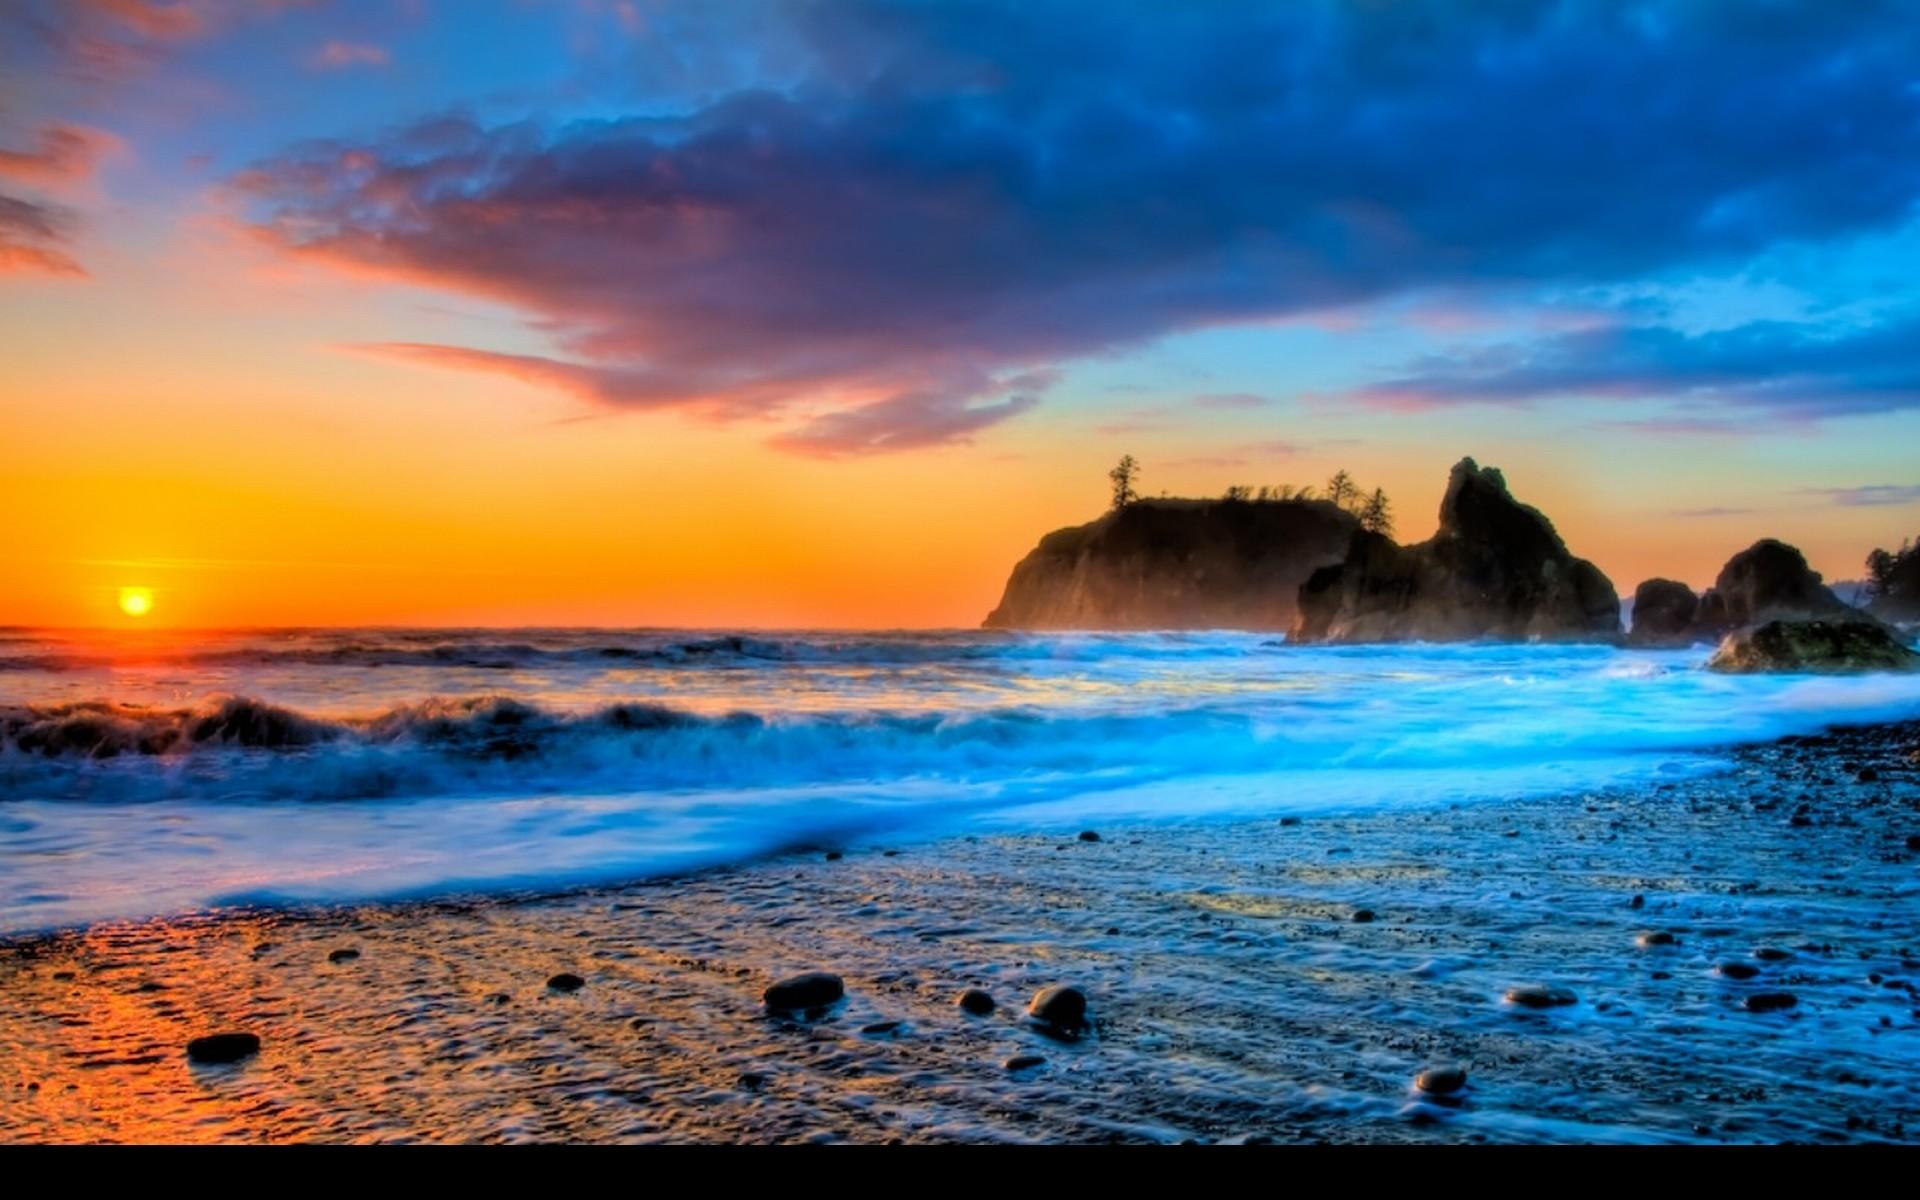 Beach Sunset Wallpaper Free Download #2342 Wallpaper   Cool .